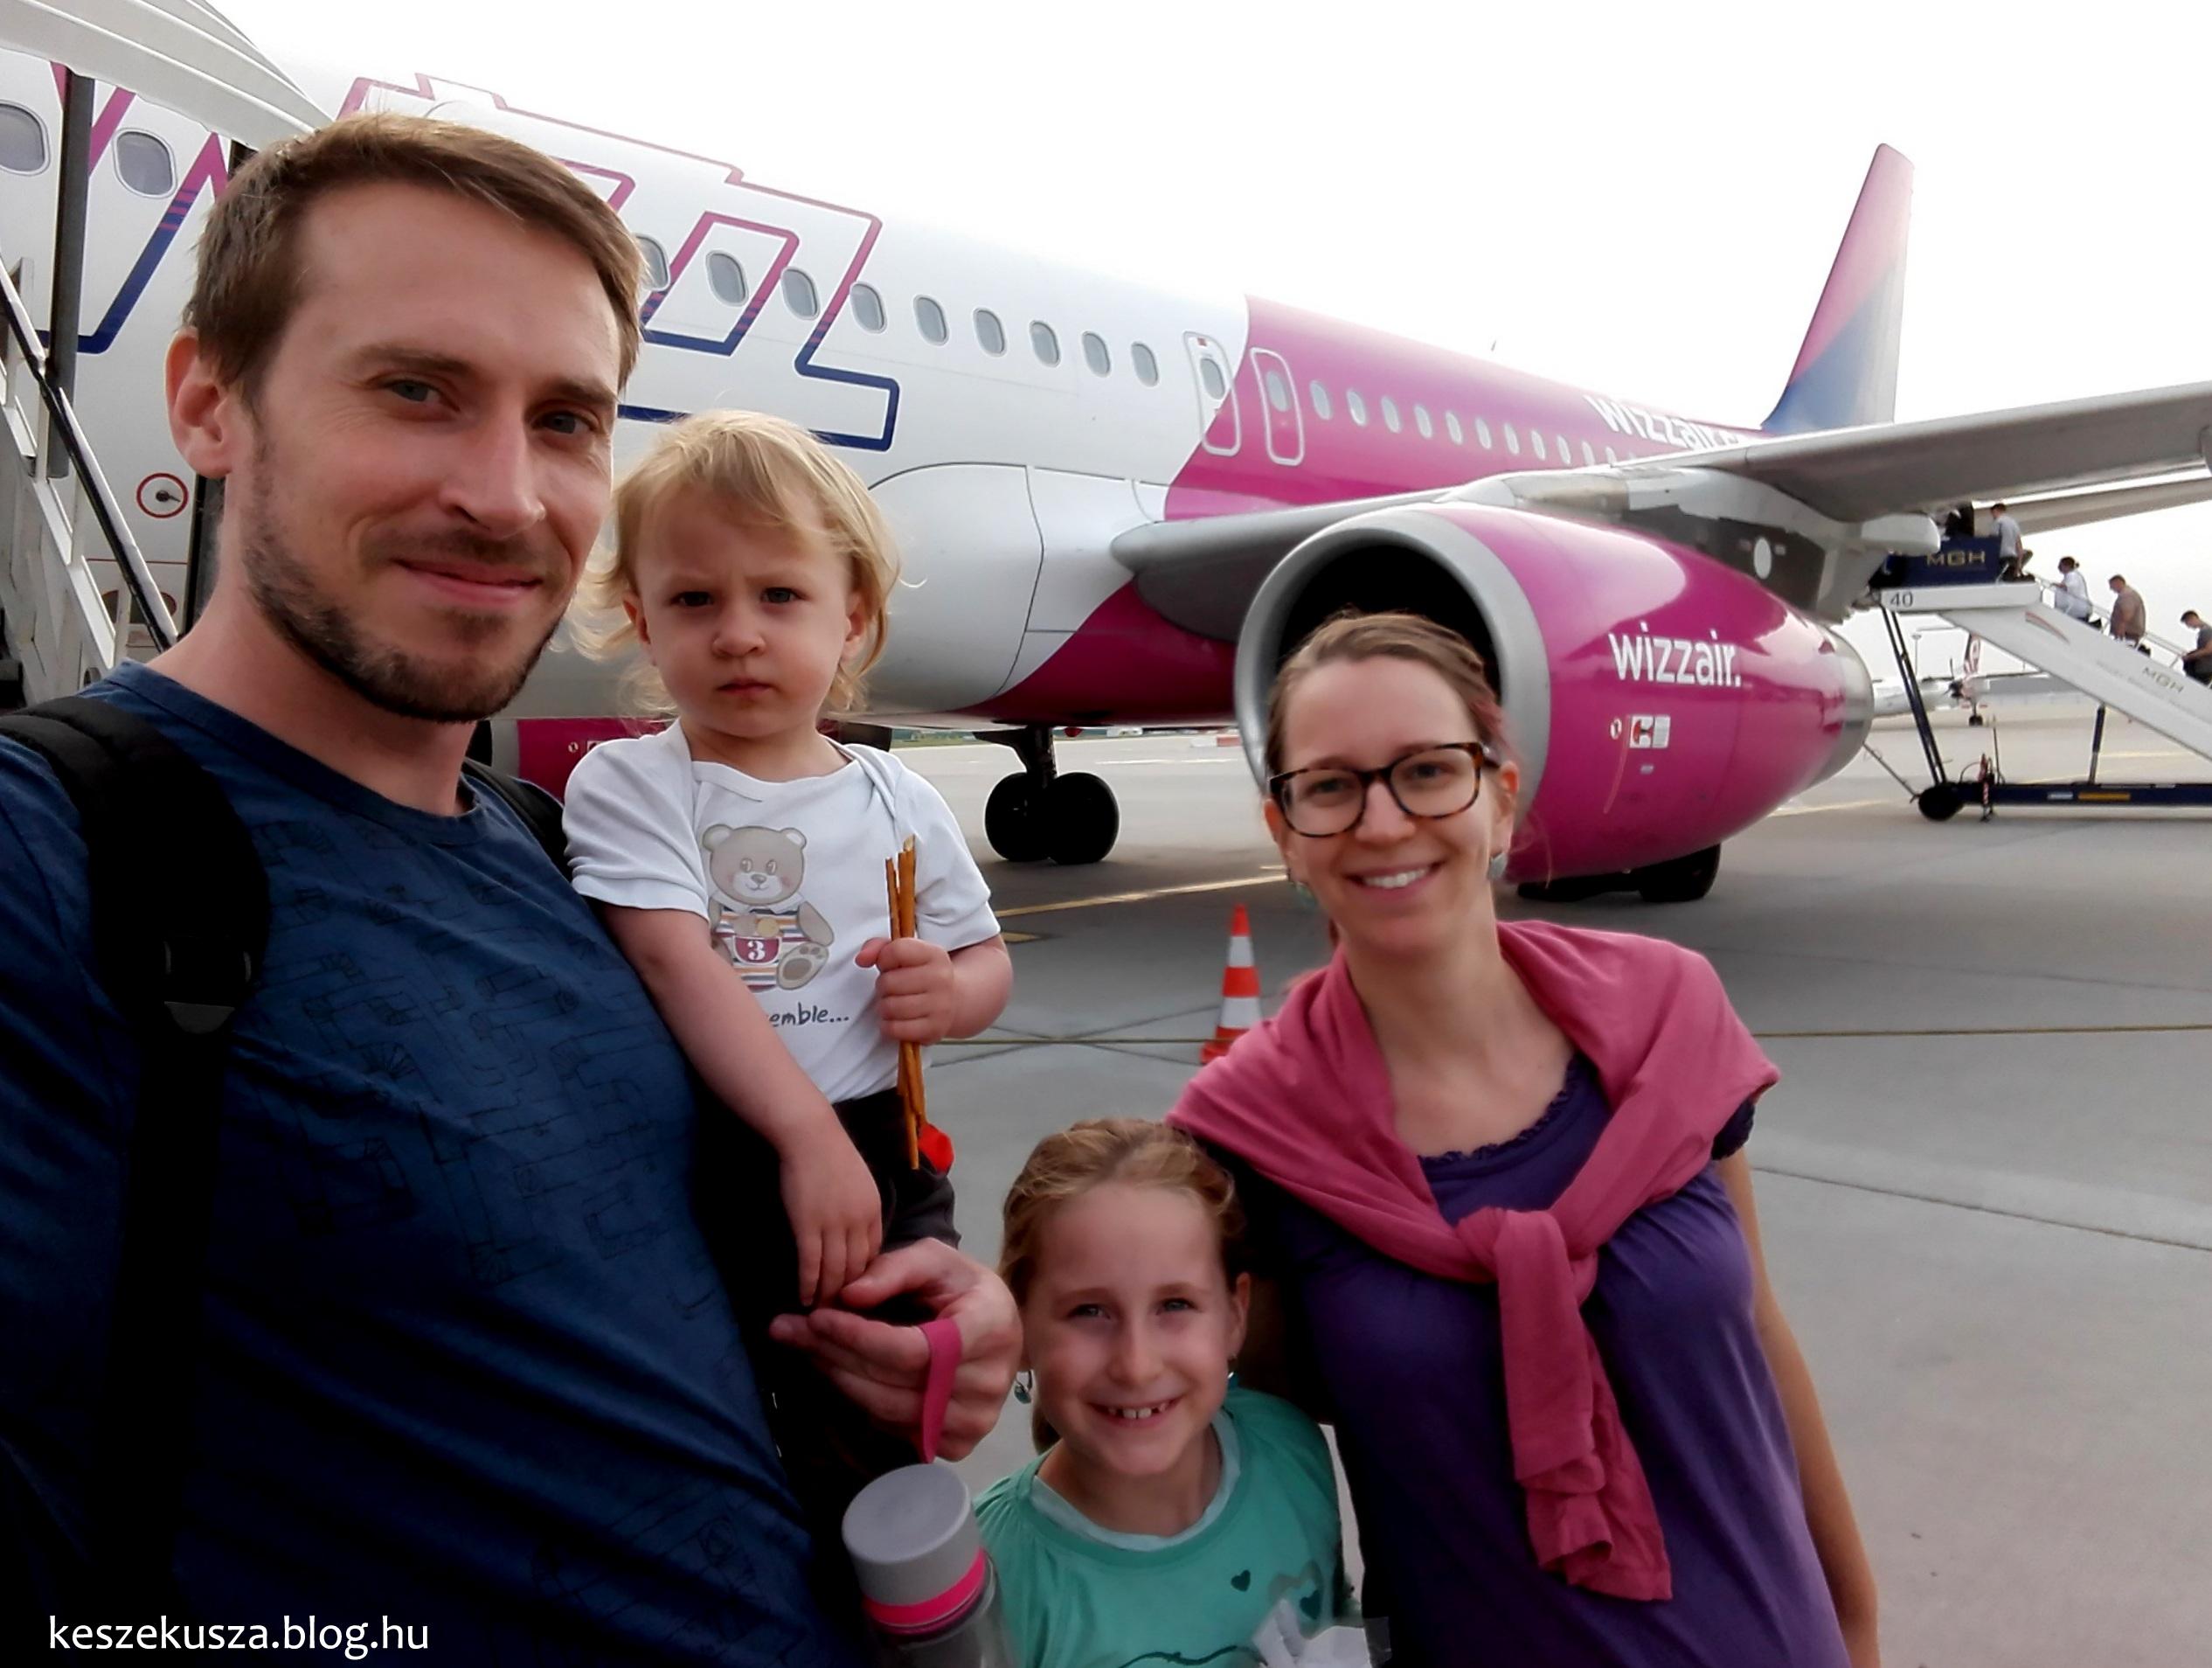 Franciaország pocakkal: így utazik egy kismama az utolsó trimeszterben